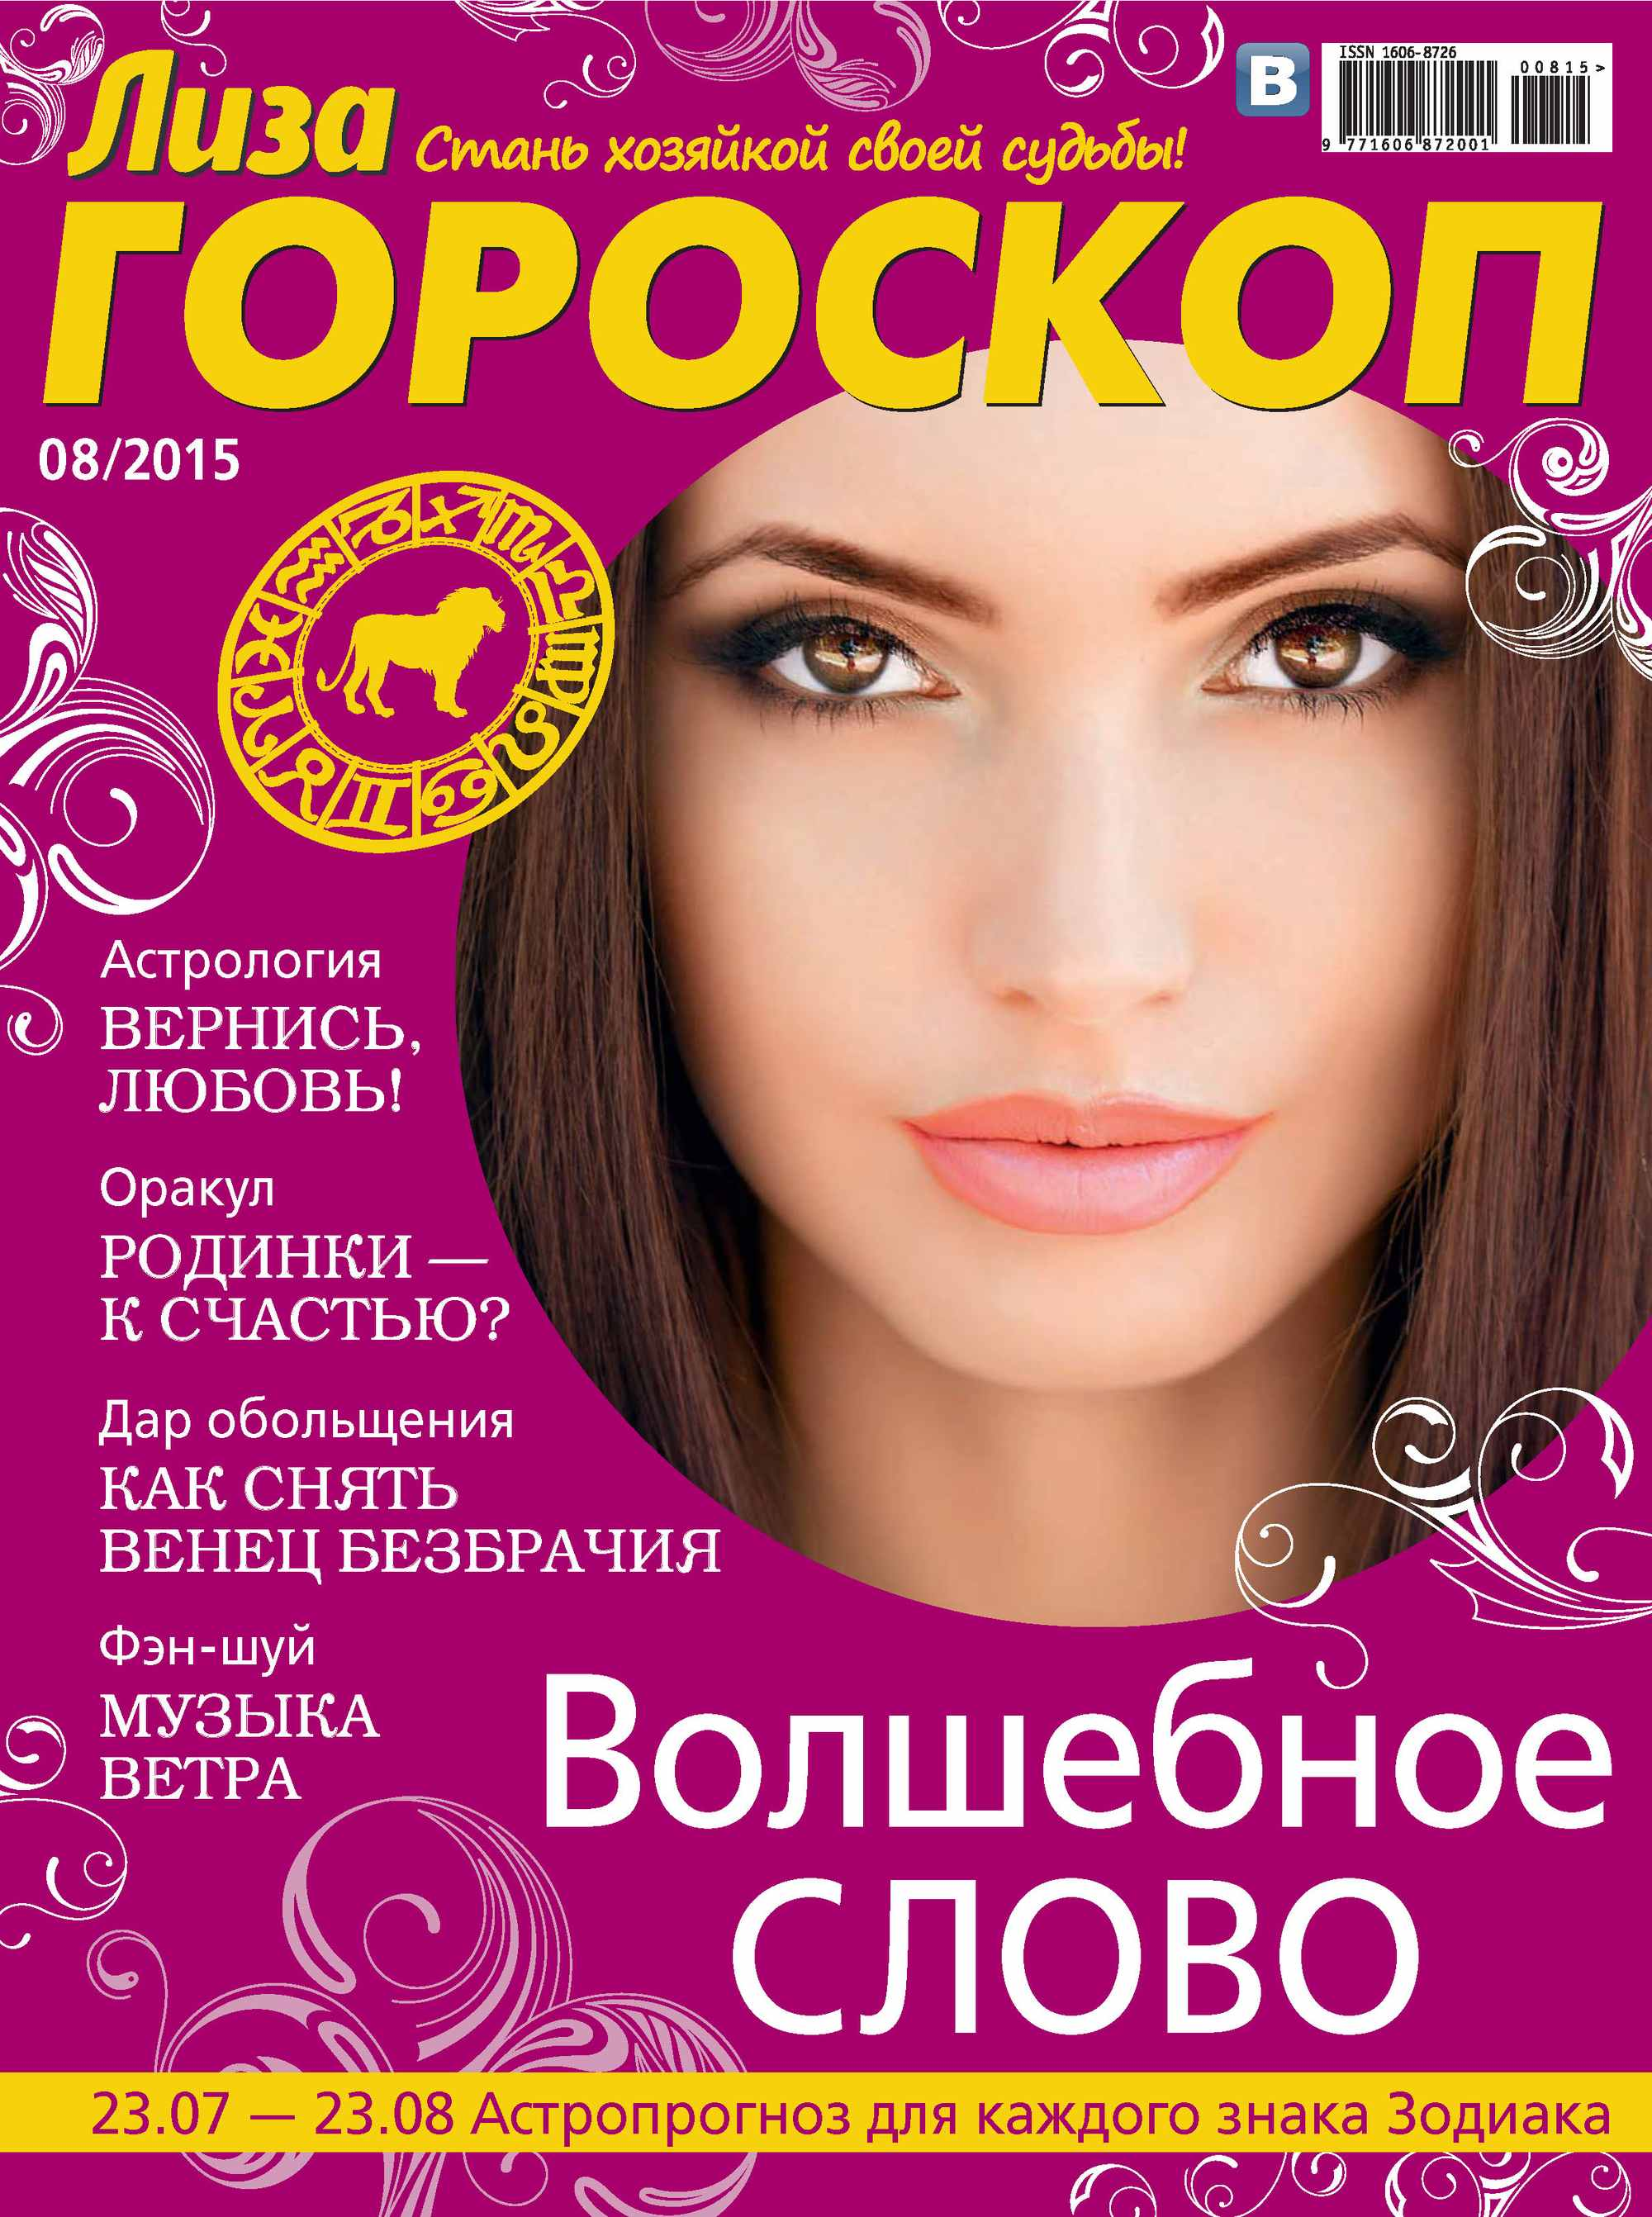 Журнал «Лиза. Гороскоп» № 08/2015